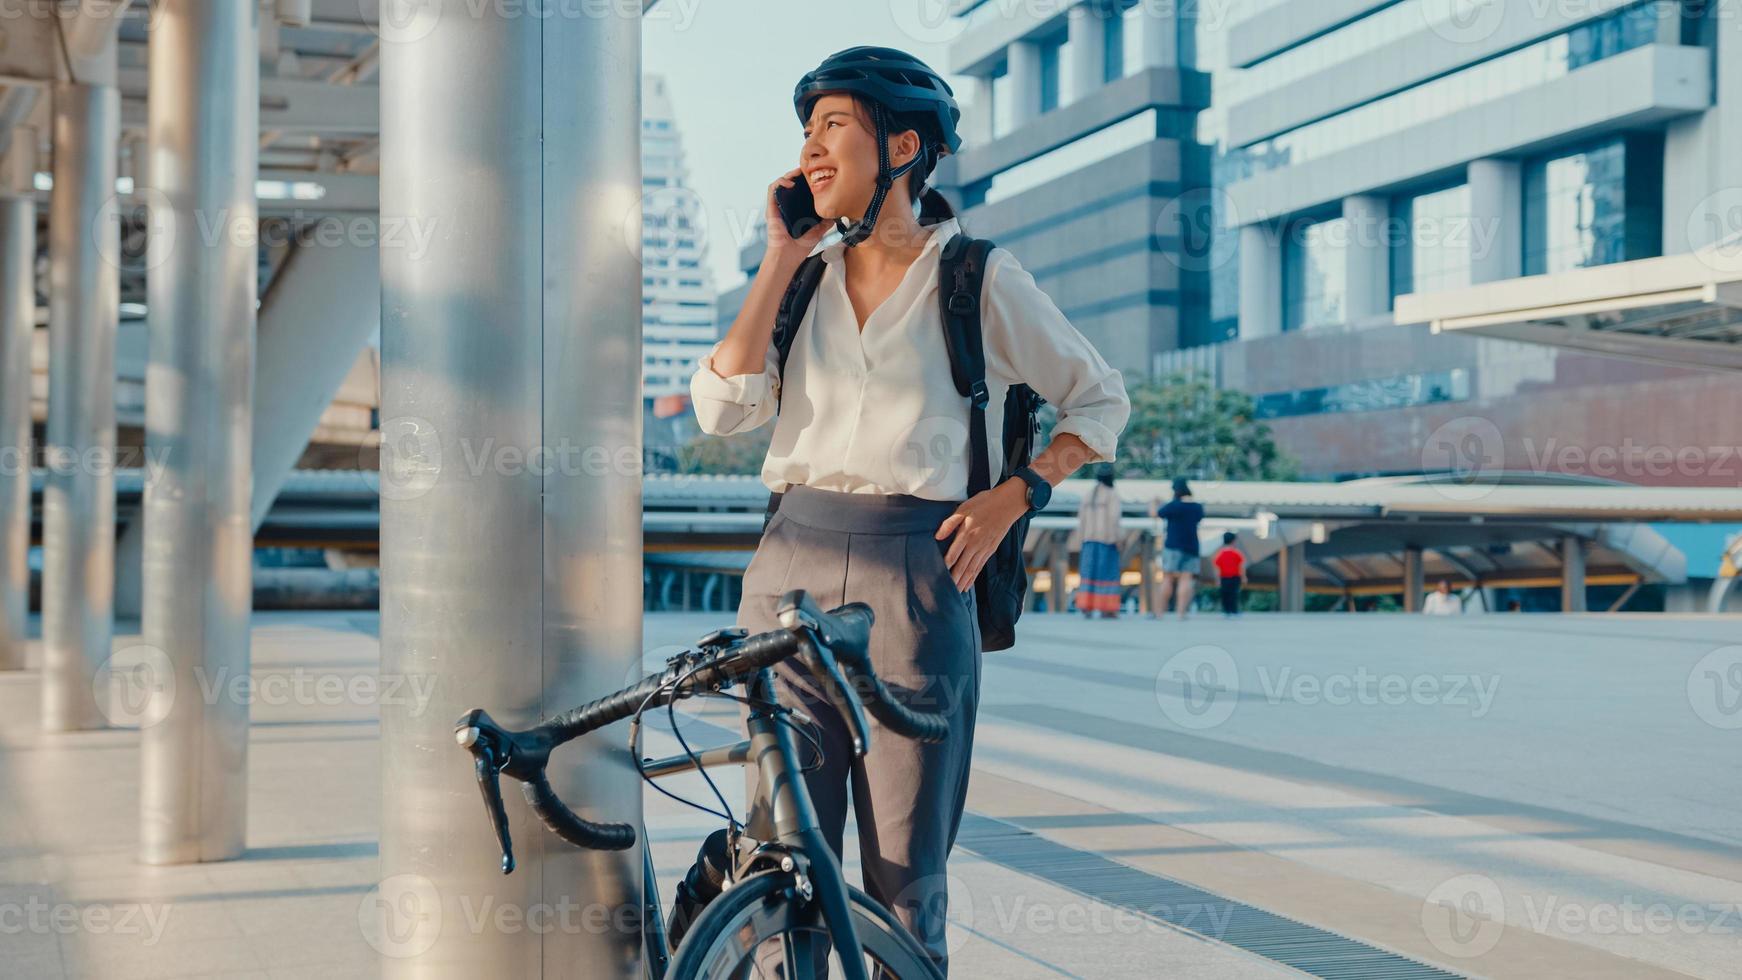 donna d'affari asiatica con zaino prendere cellulare parlare sorridente orologio smartwatch in strada della città andare a lavorare in ufficio. ragazza sportiva usa affari telefonici. andare al lavoro in bicicletta, pendolare d'affari in città. foto